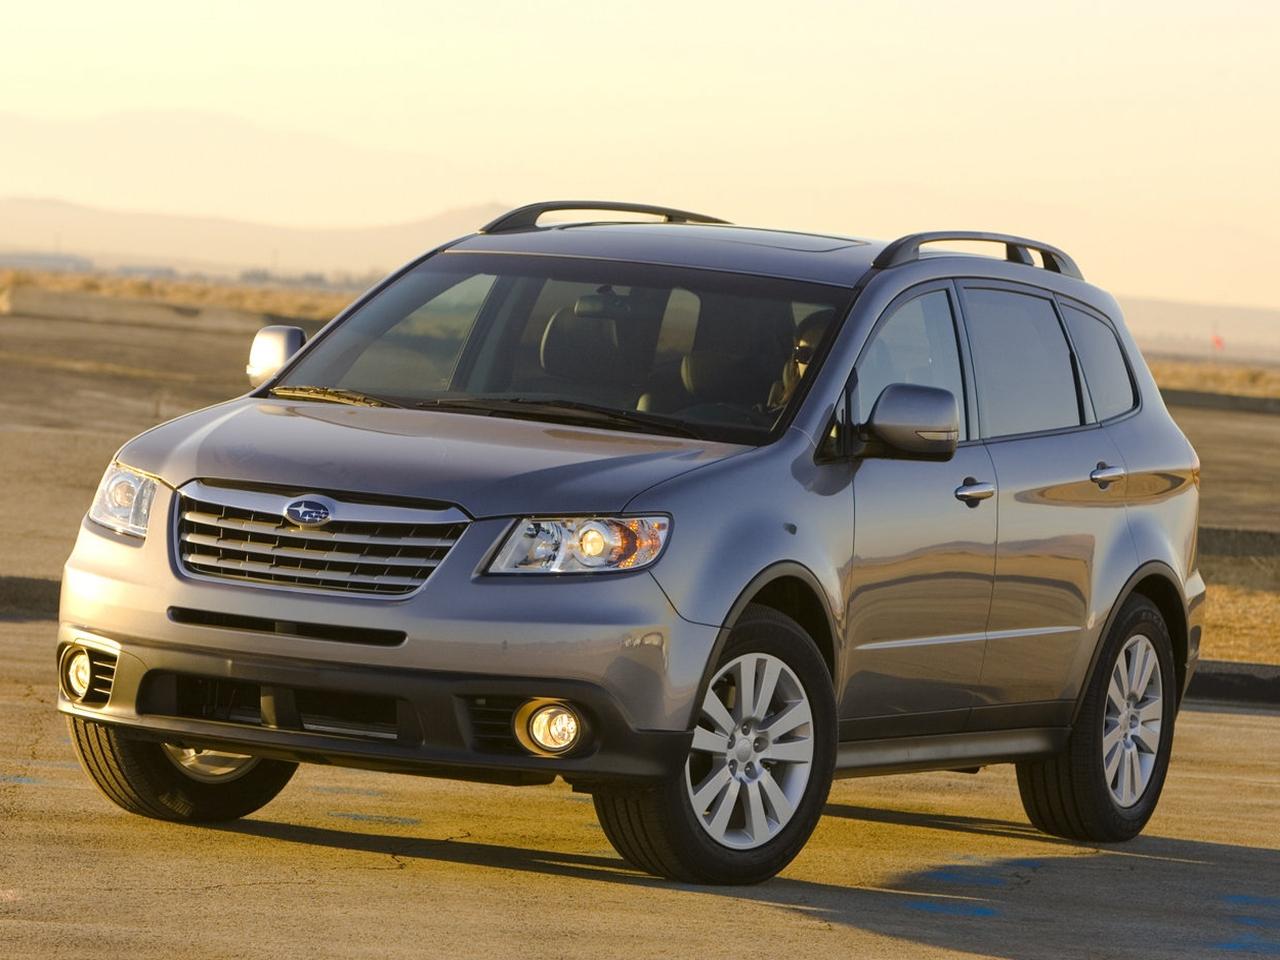 ТОП-10 самых хулиганских авто в США. Subaru Tribeca